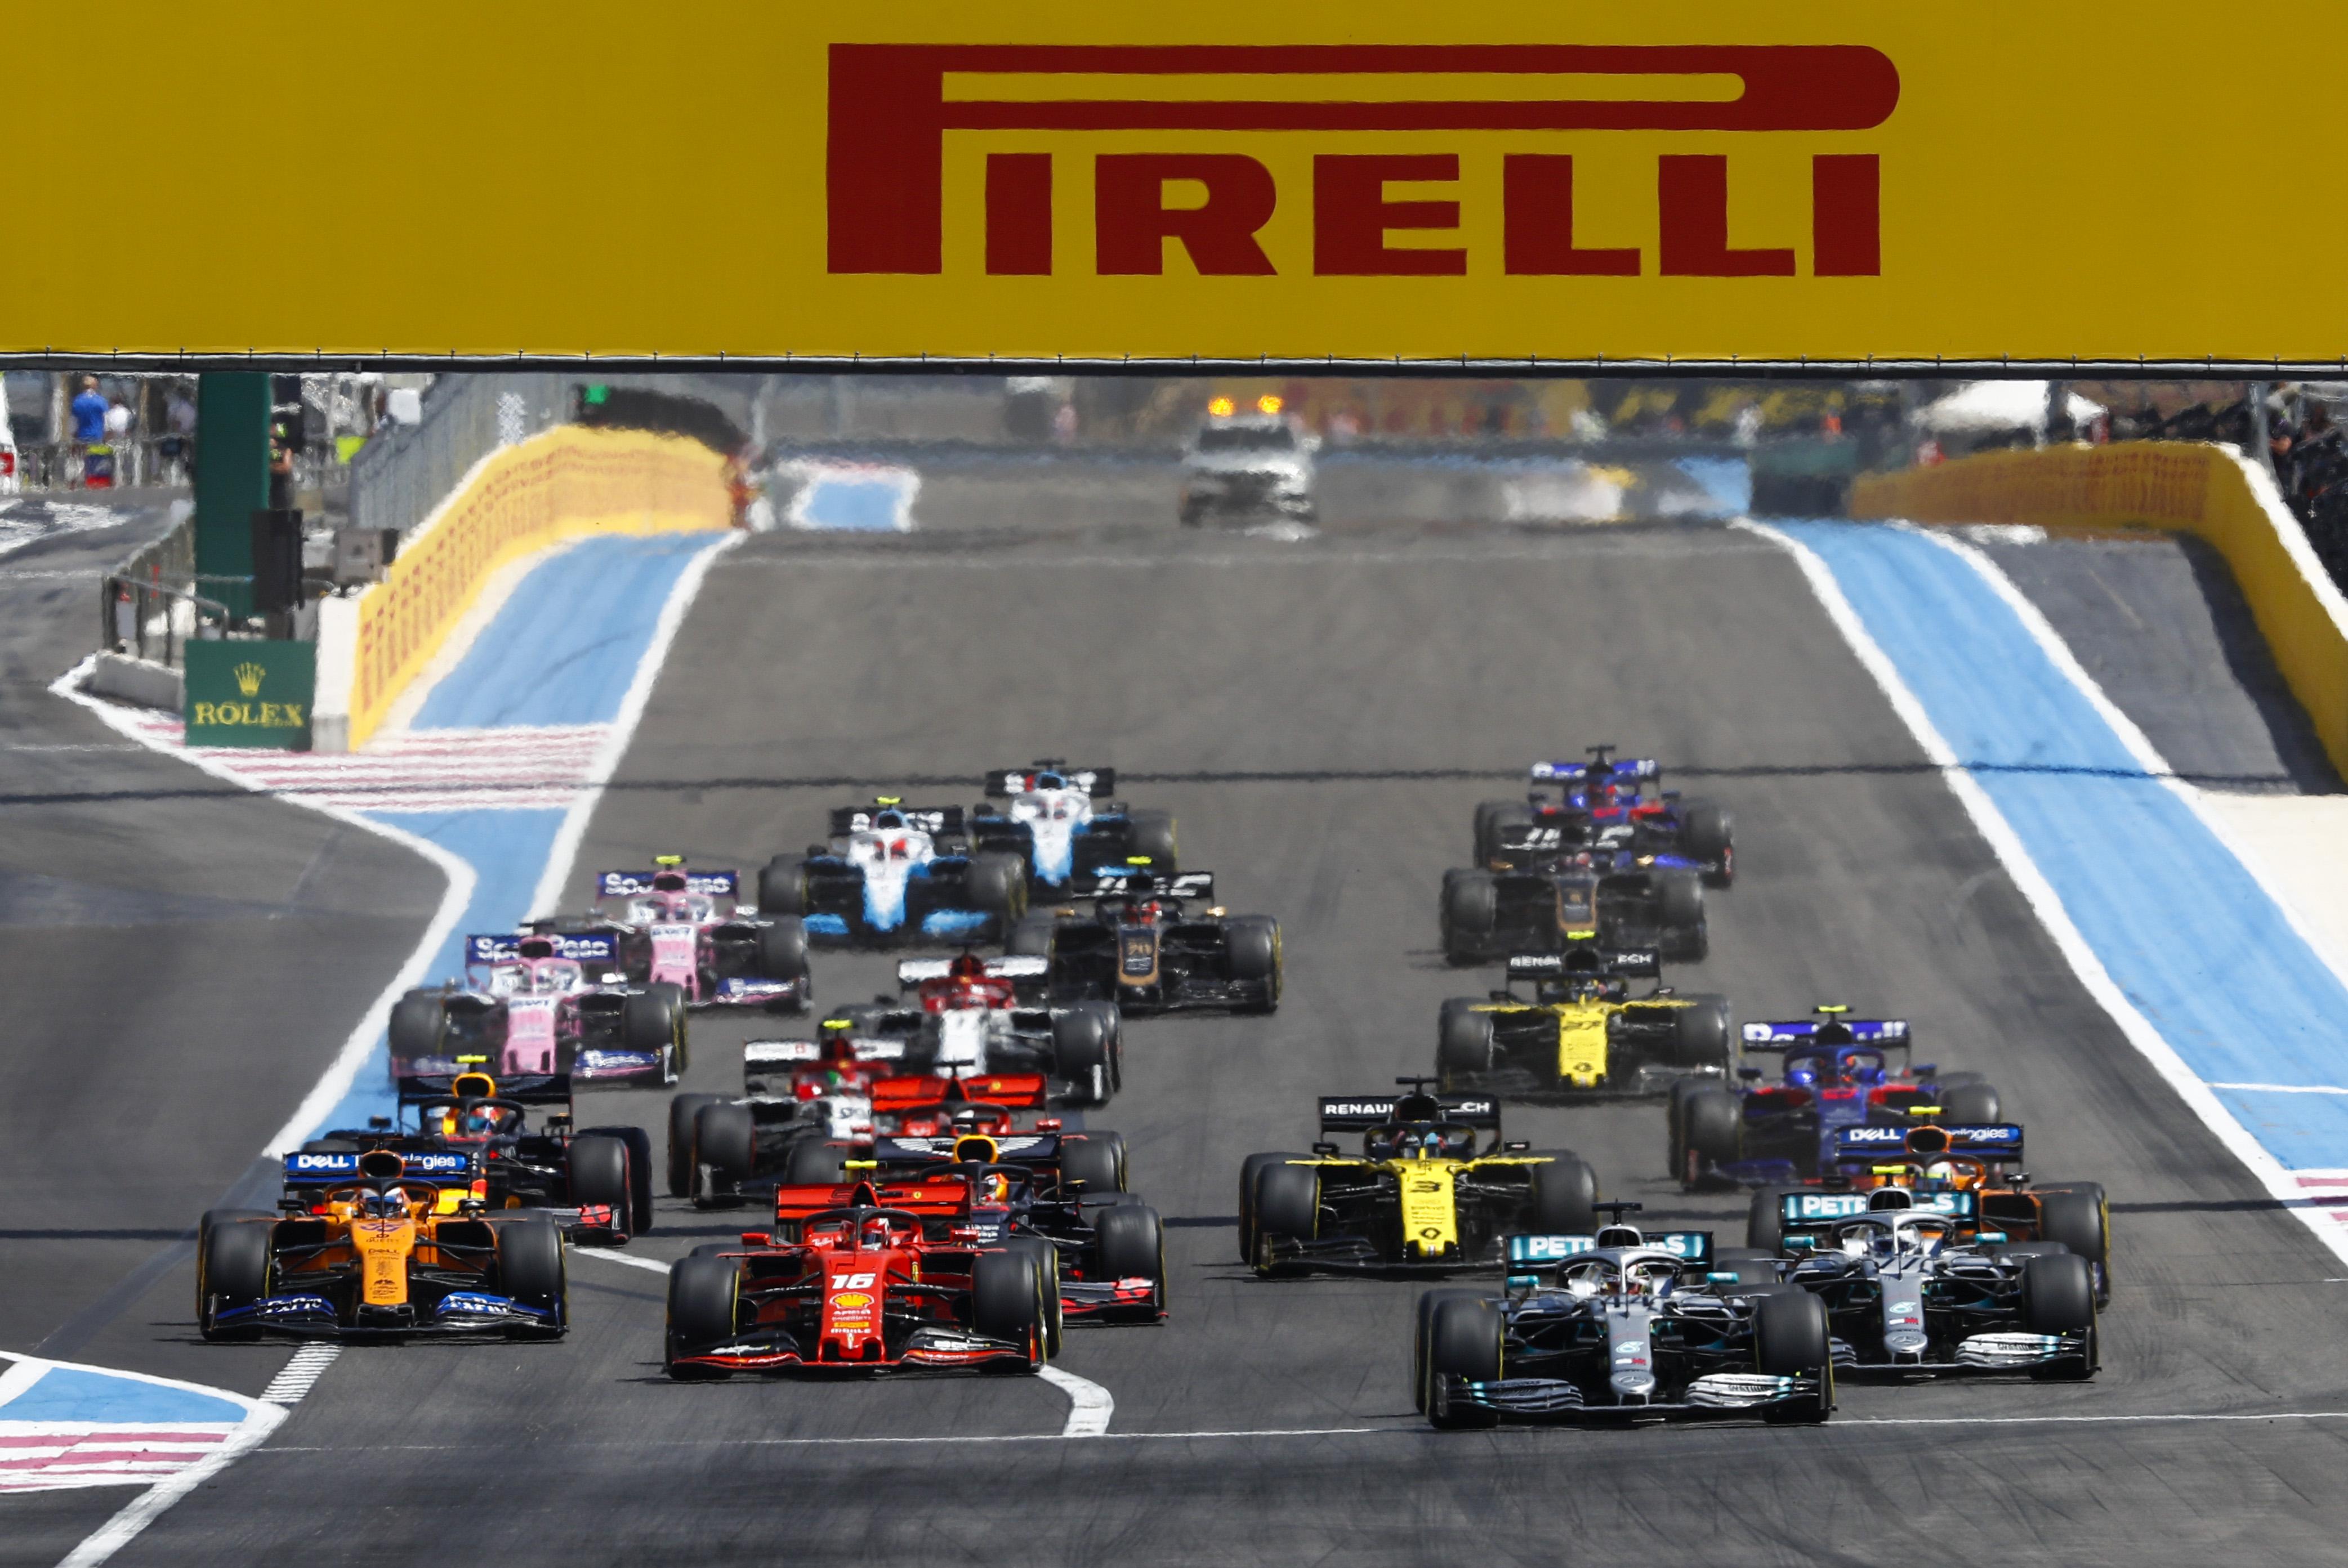 F1: Franciaország is kidőlt, ez várhat ránk a folytatásban